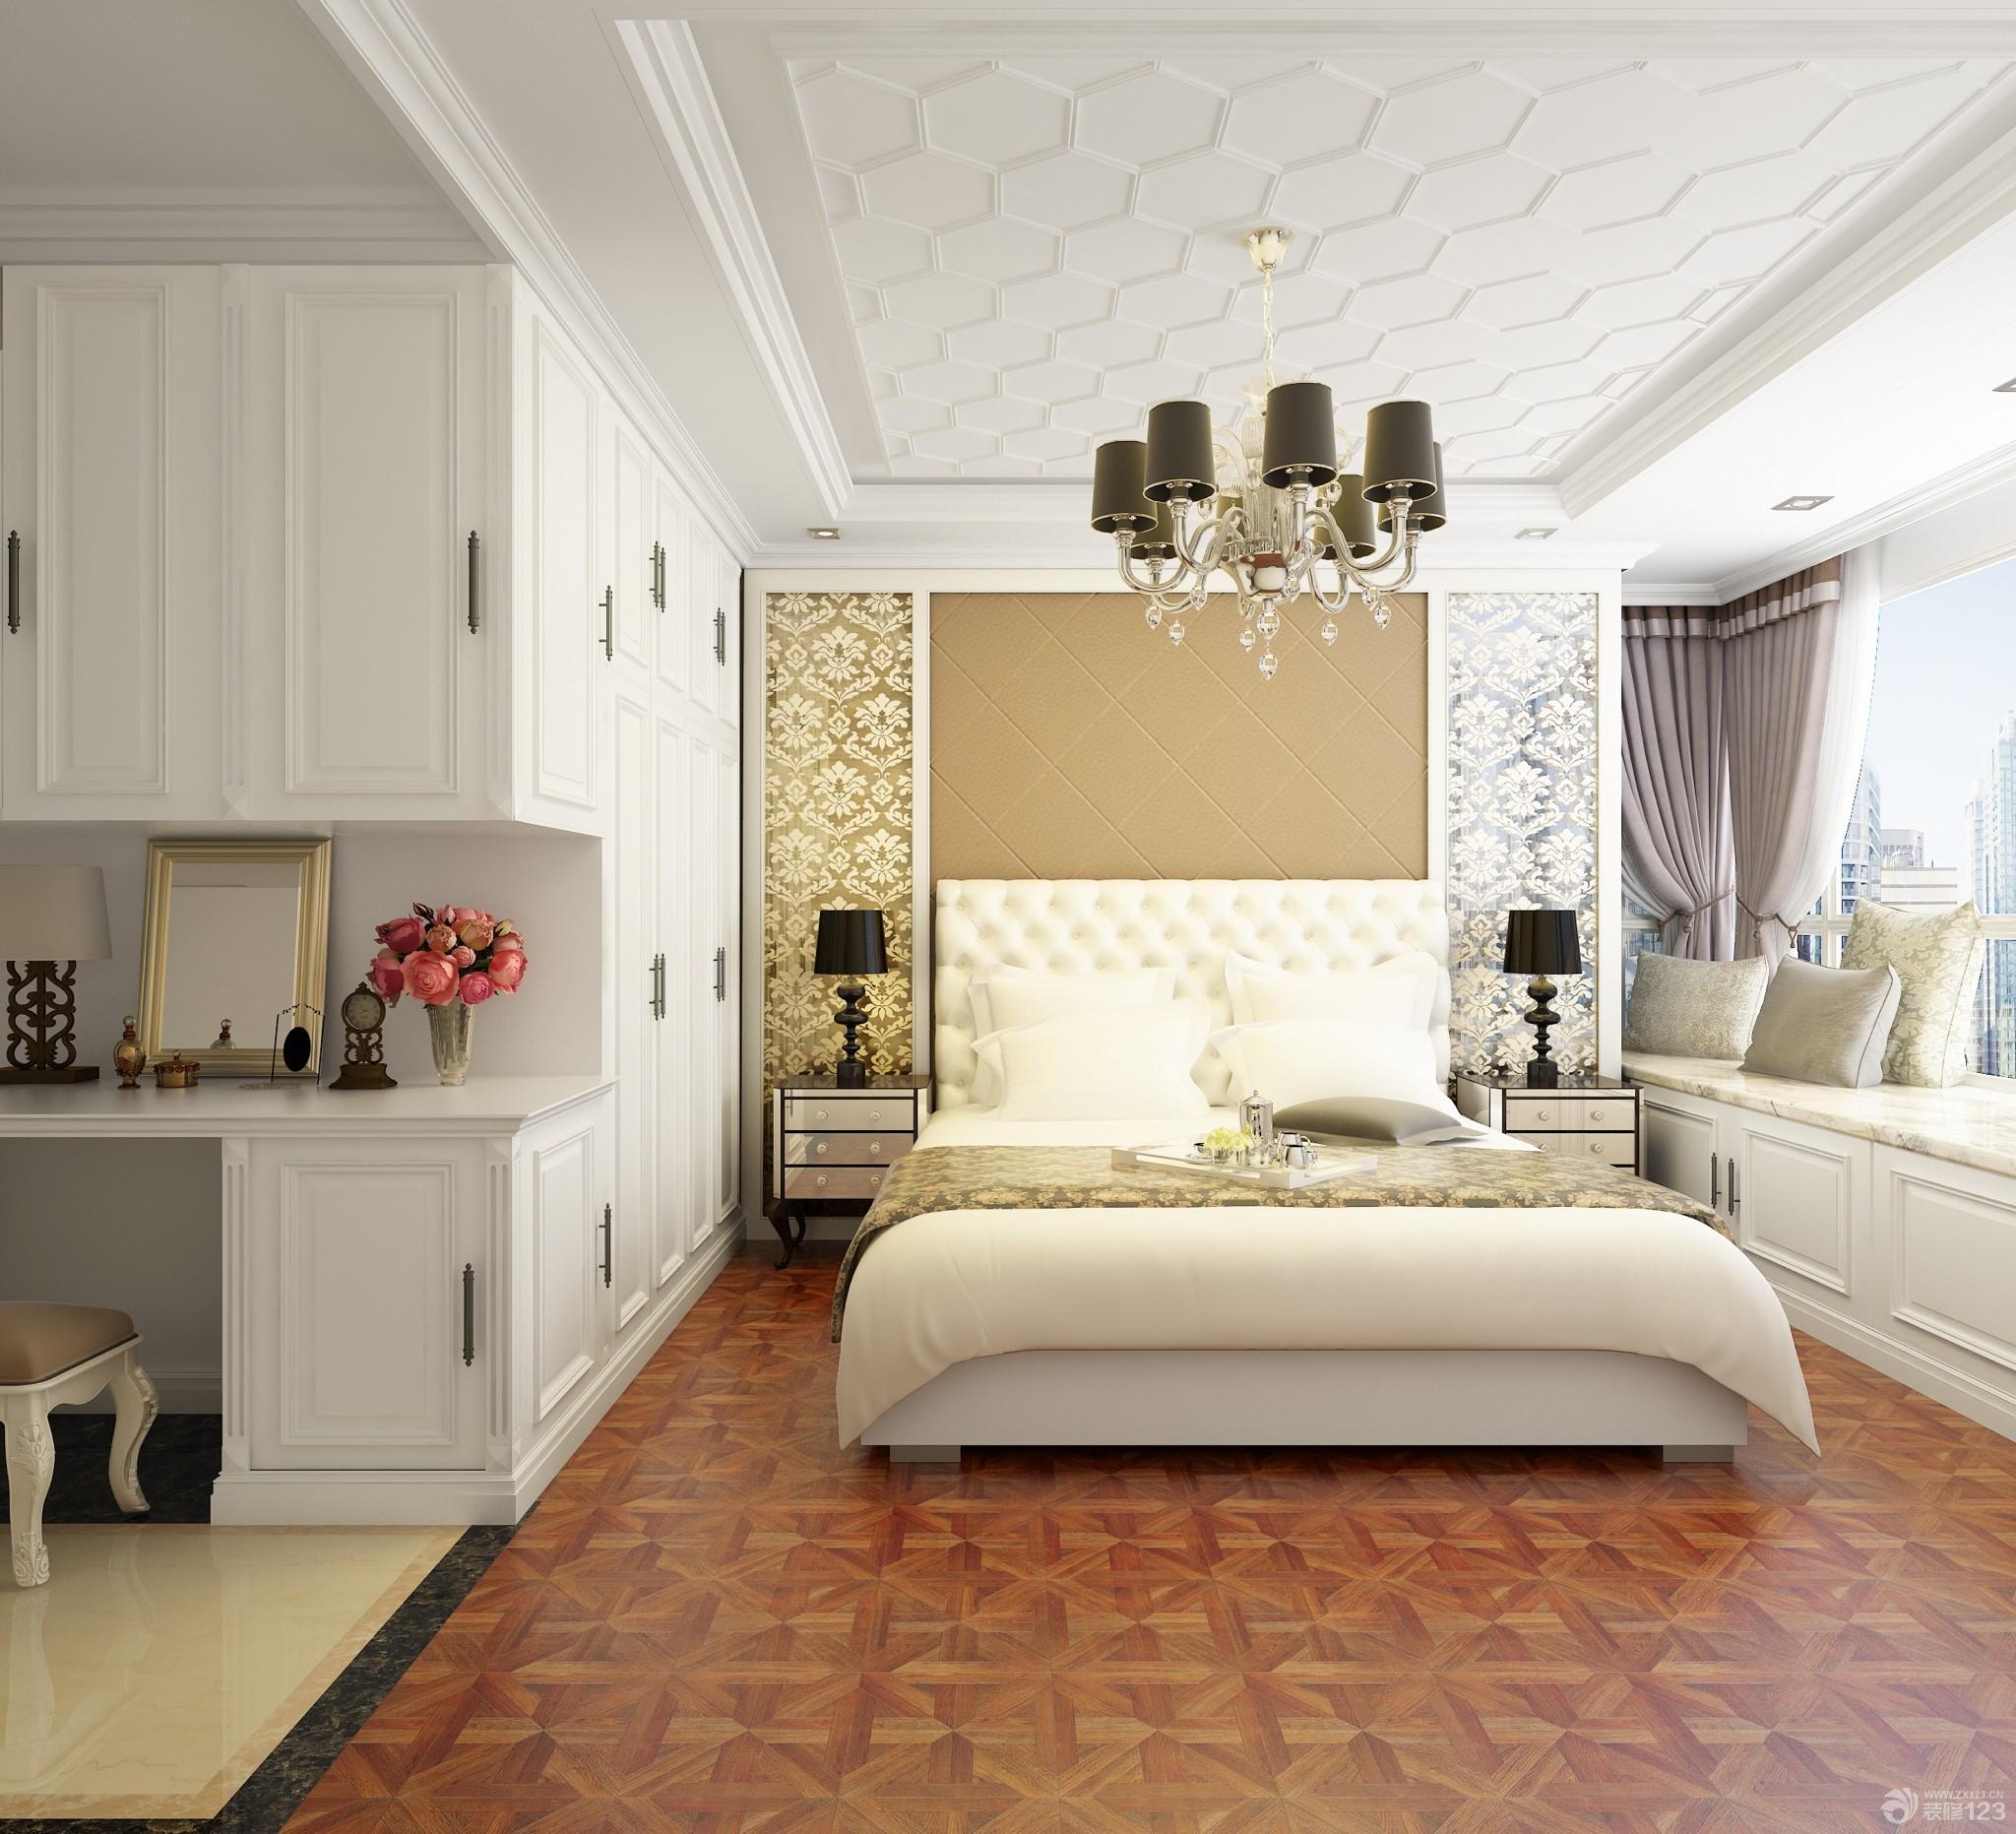 简约欧式风格80平米房子两室一厅一卫主卧室装修效果